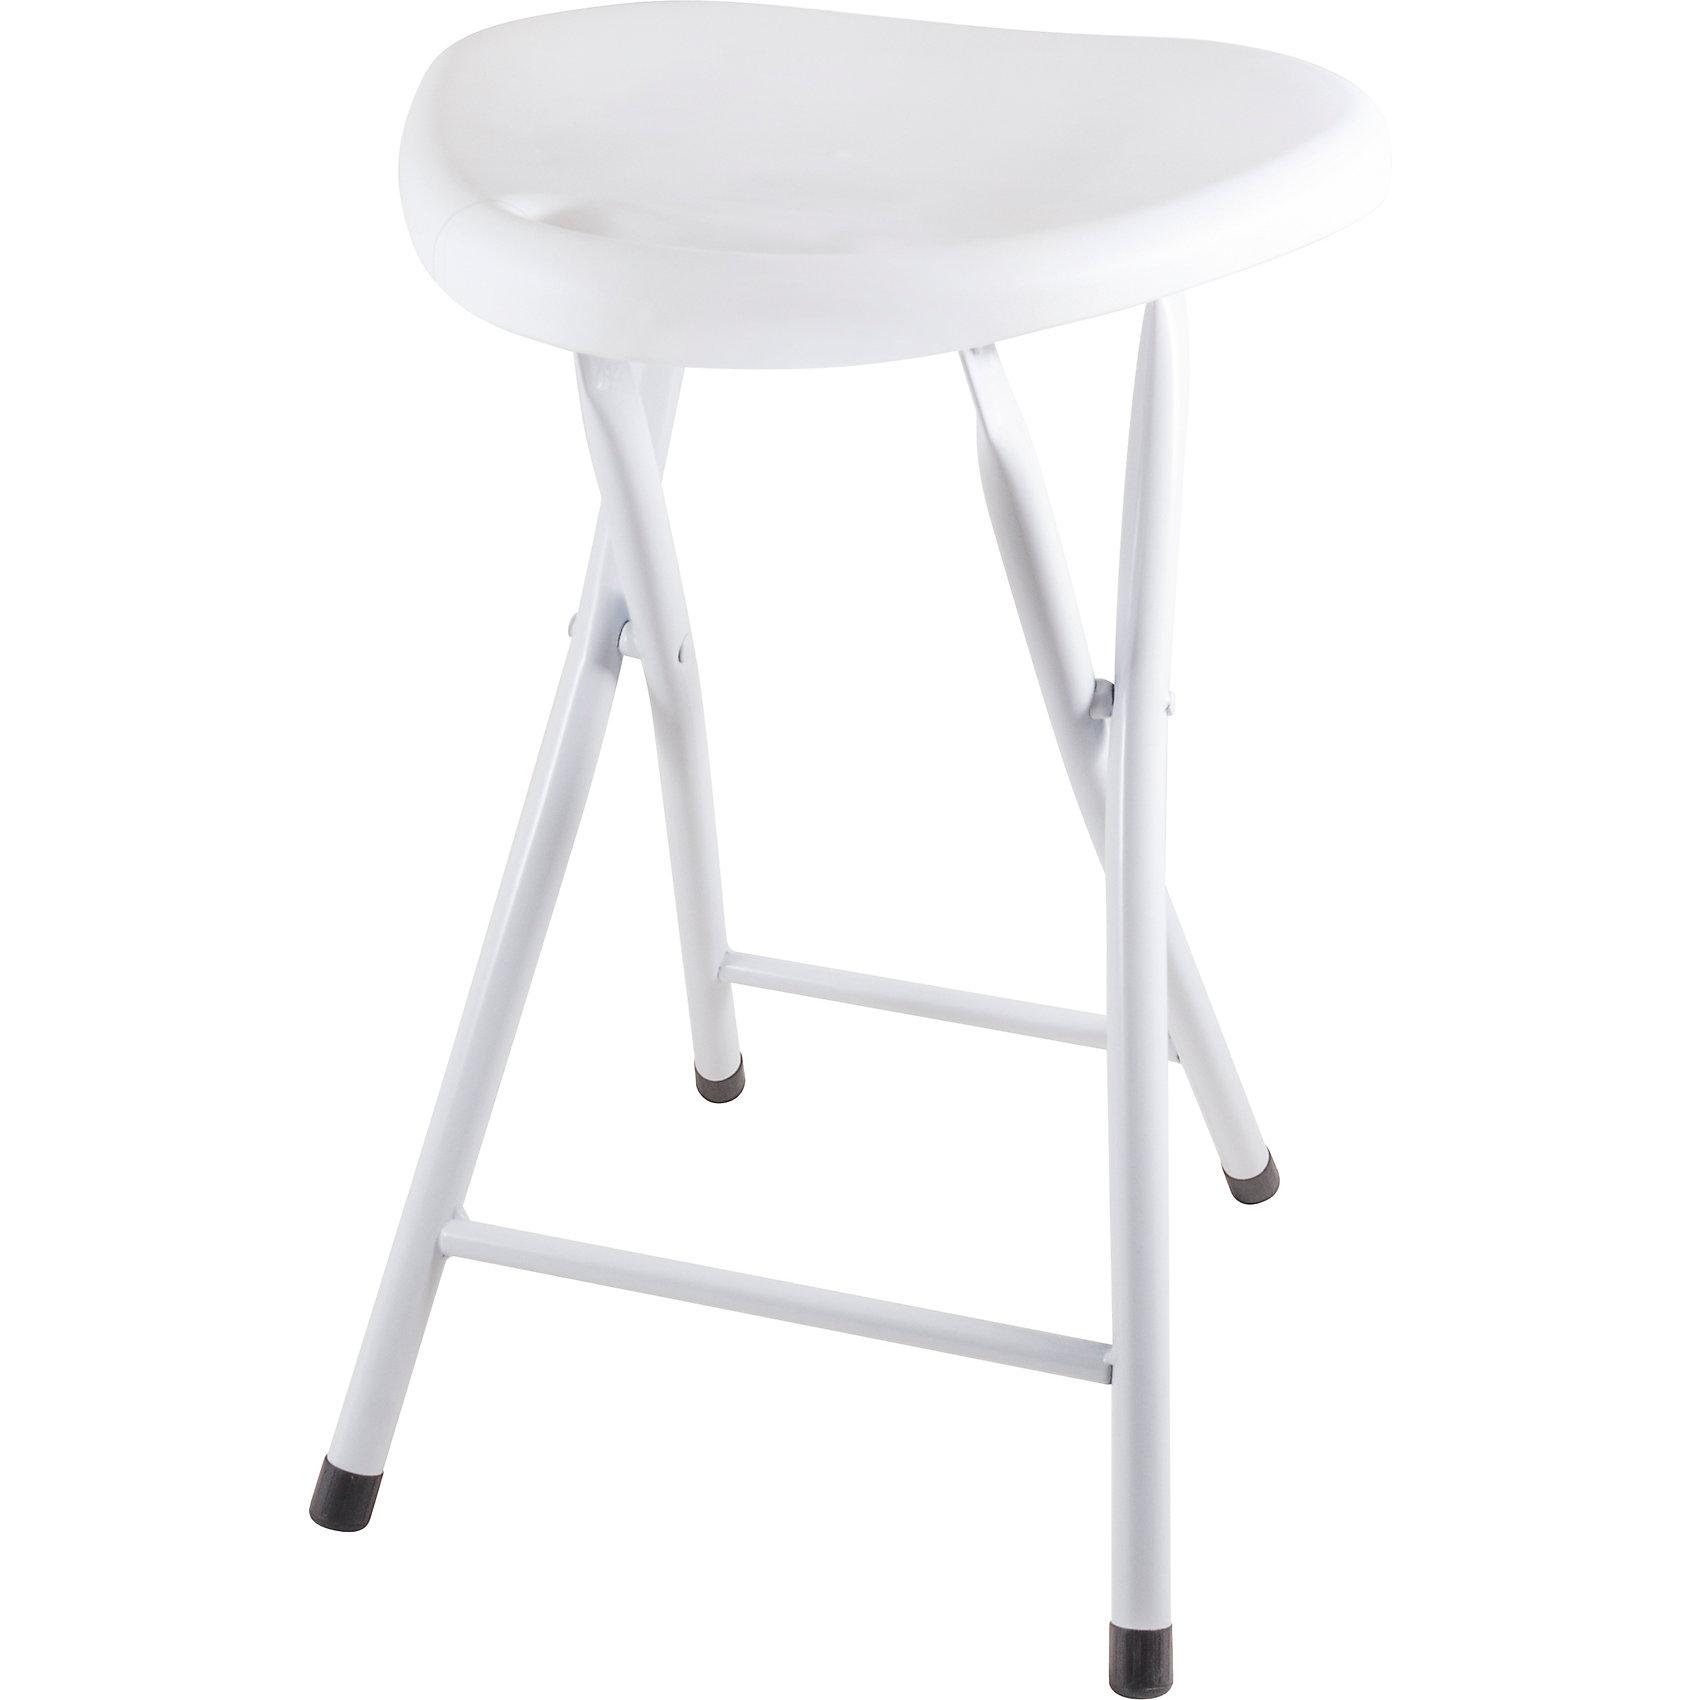 Стул для ванной комнаты TI-06 складной, Рыжий котСтул для ванной комнаты TI-06 складной, Рыжий кот<br><br>Характеристики:<br><br>• легко складывается и раскладывается<br>• удобное сиденье<br>• удобная ручка<br>• узкое основание<br>• нескользящие ножки<br>• размер: 30х30х45 см<br>• материал: окраш.металл, пластик<br><br>Стул для ванной комнаты TI-06 имеет узкое основание, подходящее практически для любой ванной. Стул легко складывается и раскладывается. Имеет удобное пластиковое сидение. Оснащен одной ручкой с удобным захватом. Ножки стула не скользят по поверхности ванной. Компактен в сложенном виде.<br><br>Стул для ванной комнаты TI-06 складной, Рыжий кот вы можете купить в нашем интернет-магазине.<br><br>Ширина мм: 730<br>Глубина мм: 300<br>Высота мм: 80<br>Вес г: 1284<br>Возраст от месяцев: 216<br>Возраст до месяцев: 1188<br>Пол: Унисекс<br>Возраст: Детский<br>SKU: 5454095